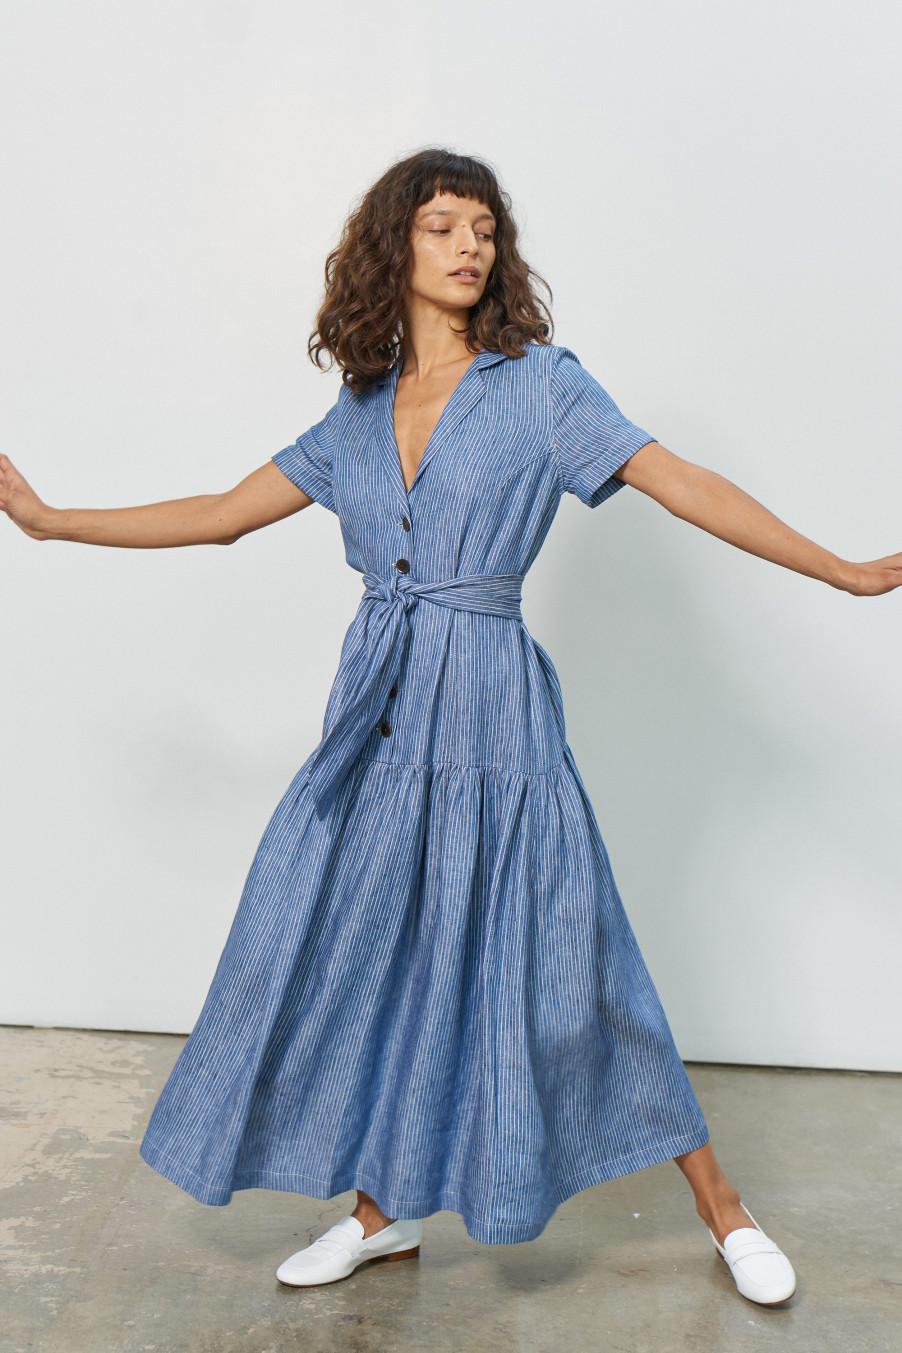 maritza-drop-waist-dress-denim-striped-2.jpg